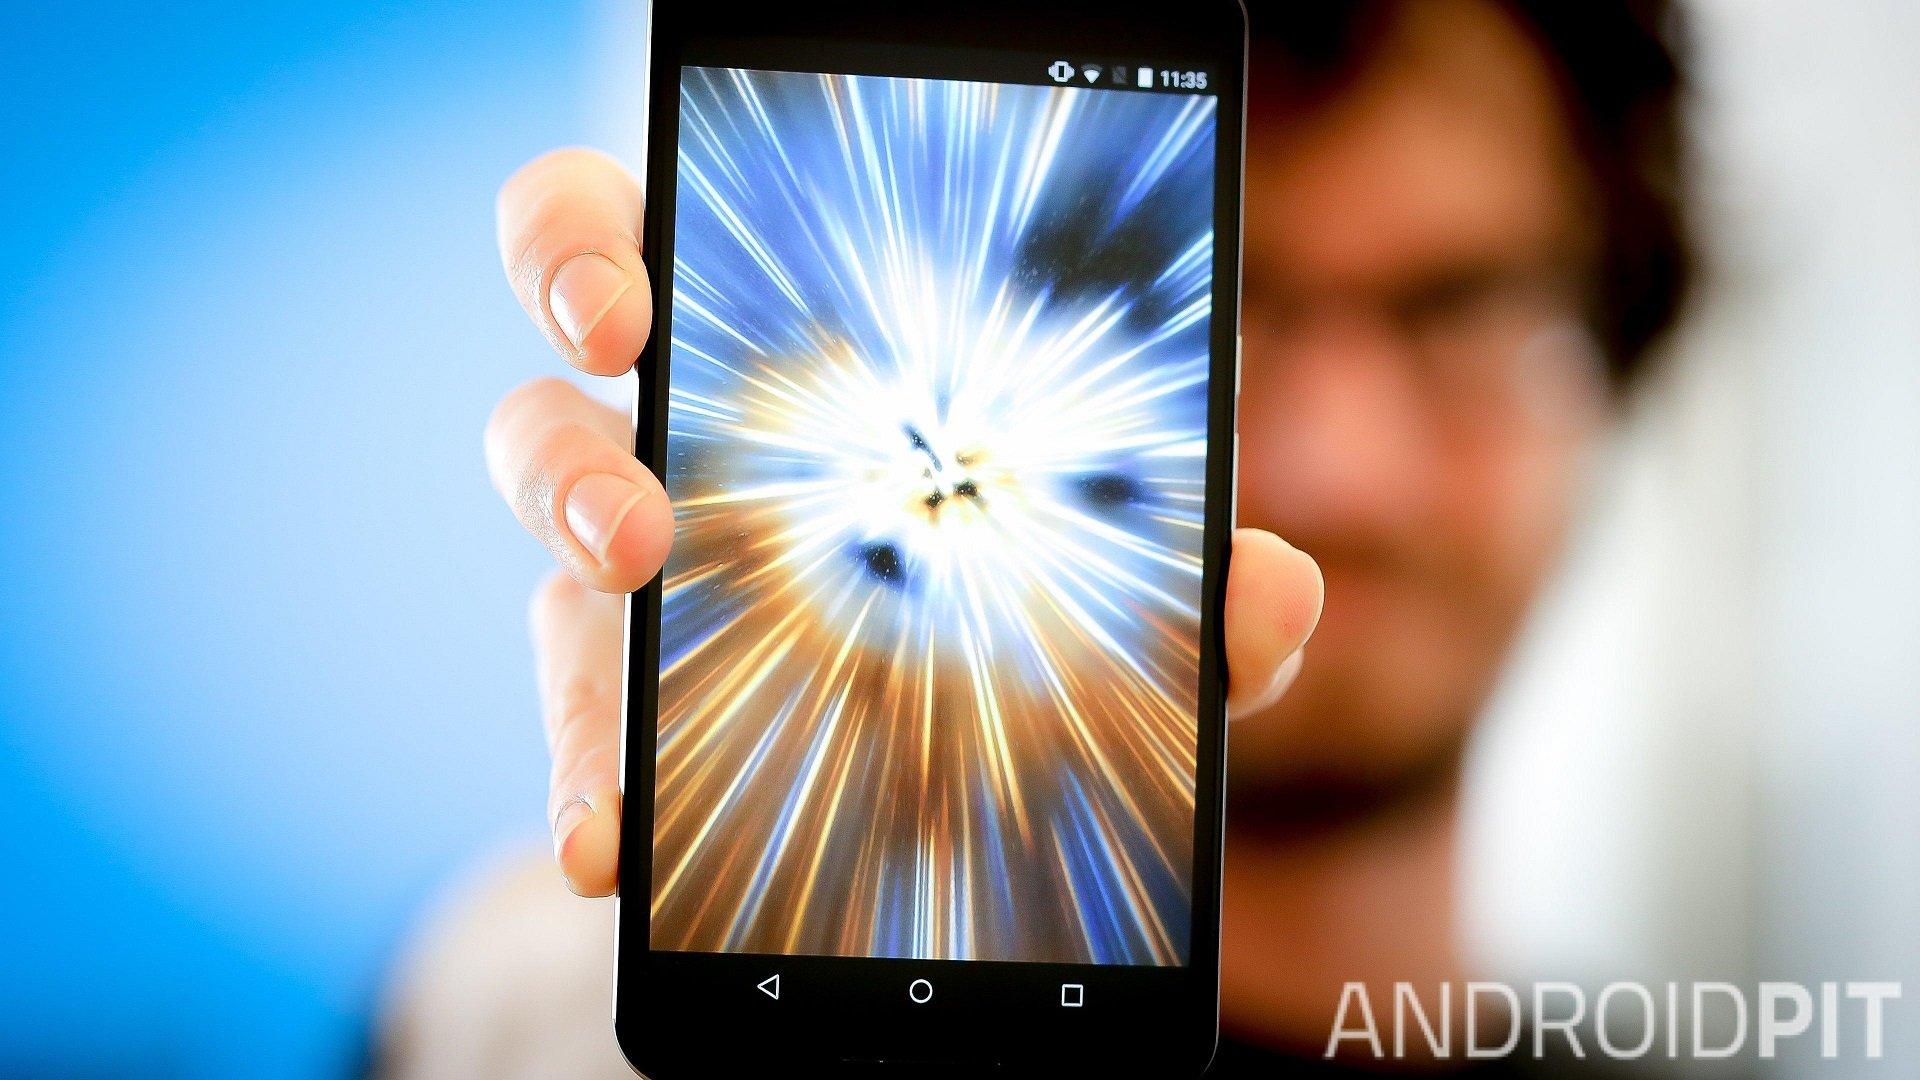 Comment overclocker votre smartphone pour lui donner plus de puissance